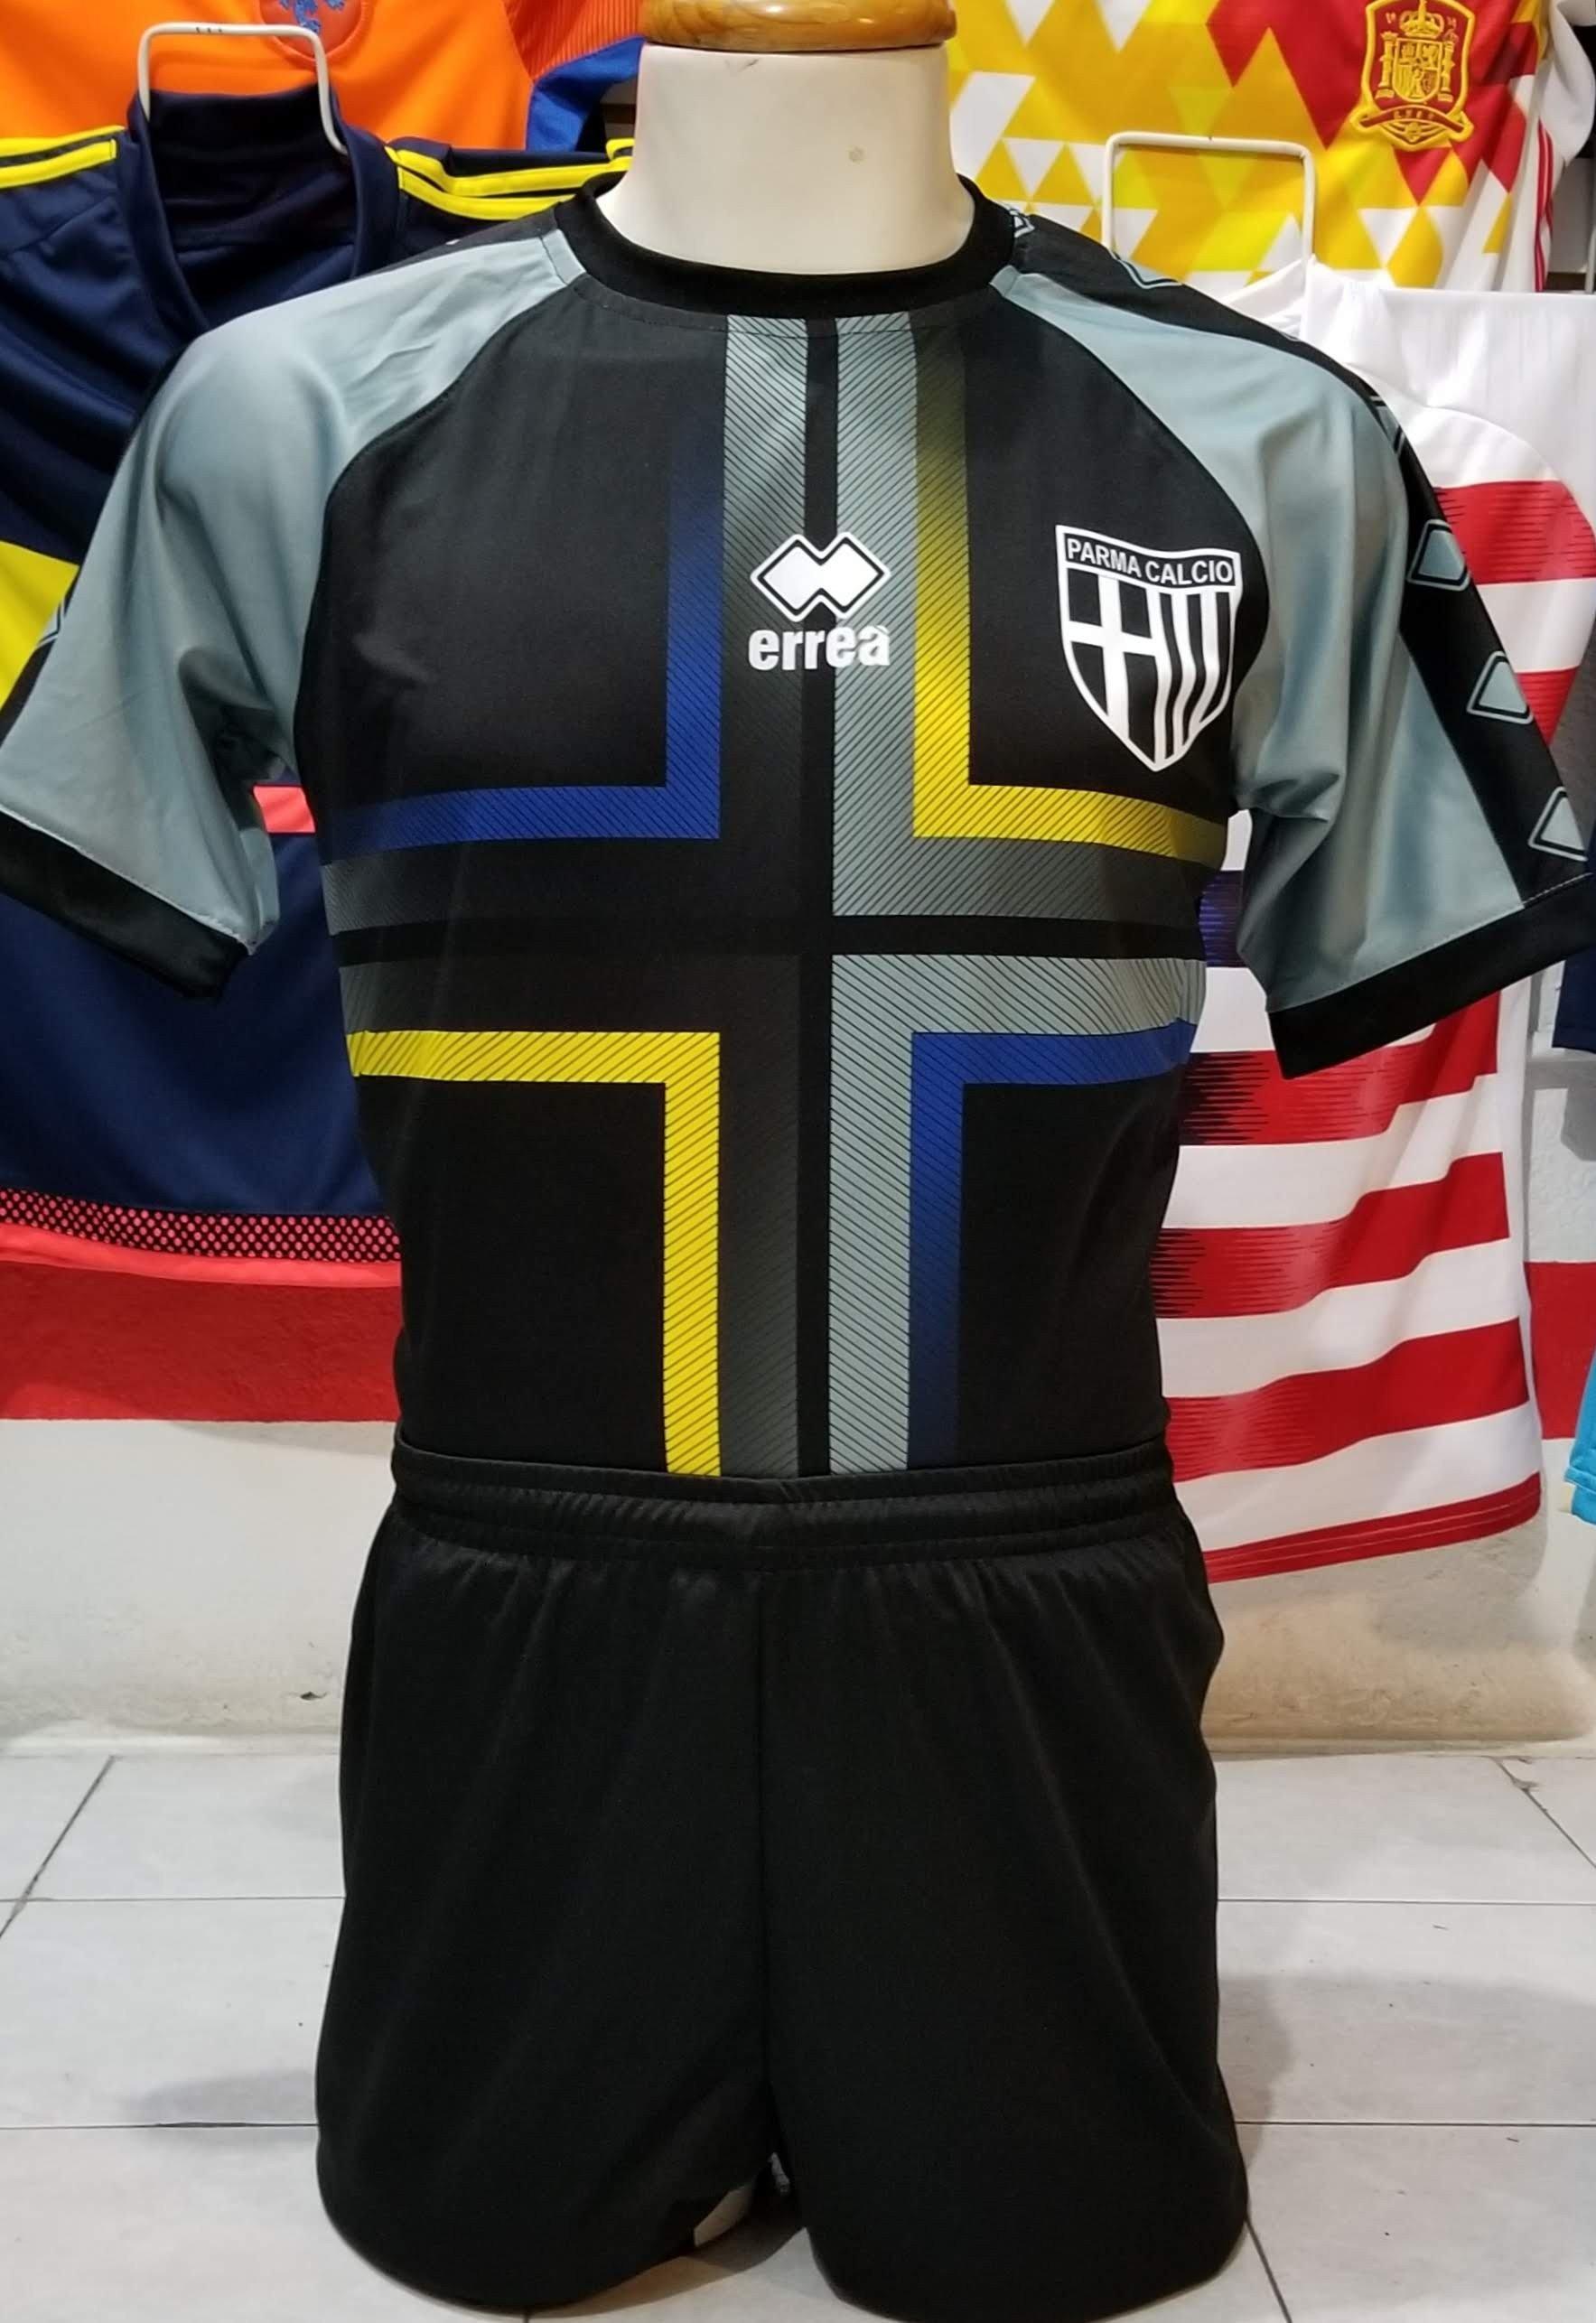 f8daf8682fb62 Uniformes de Fútbol y Playeras de Soccer  Replicas